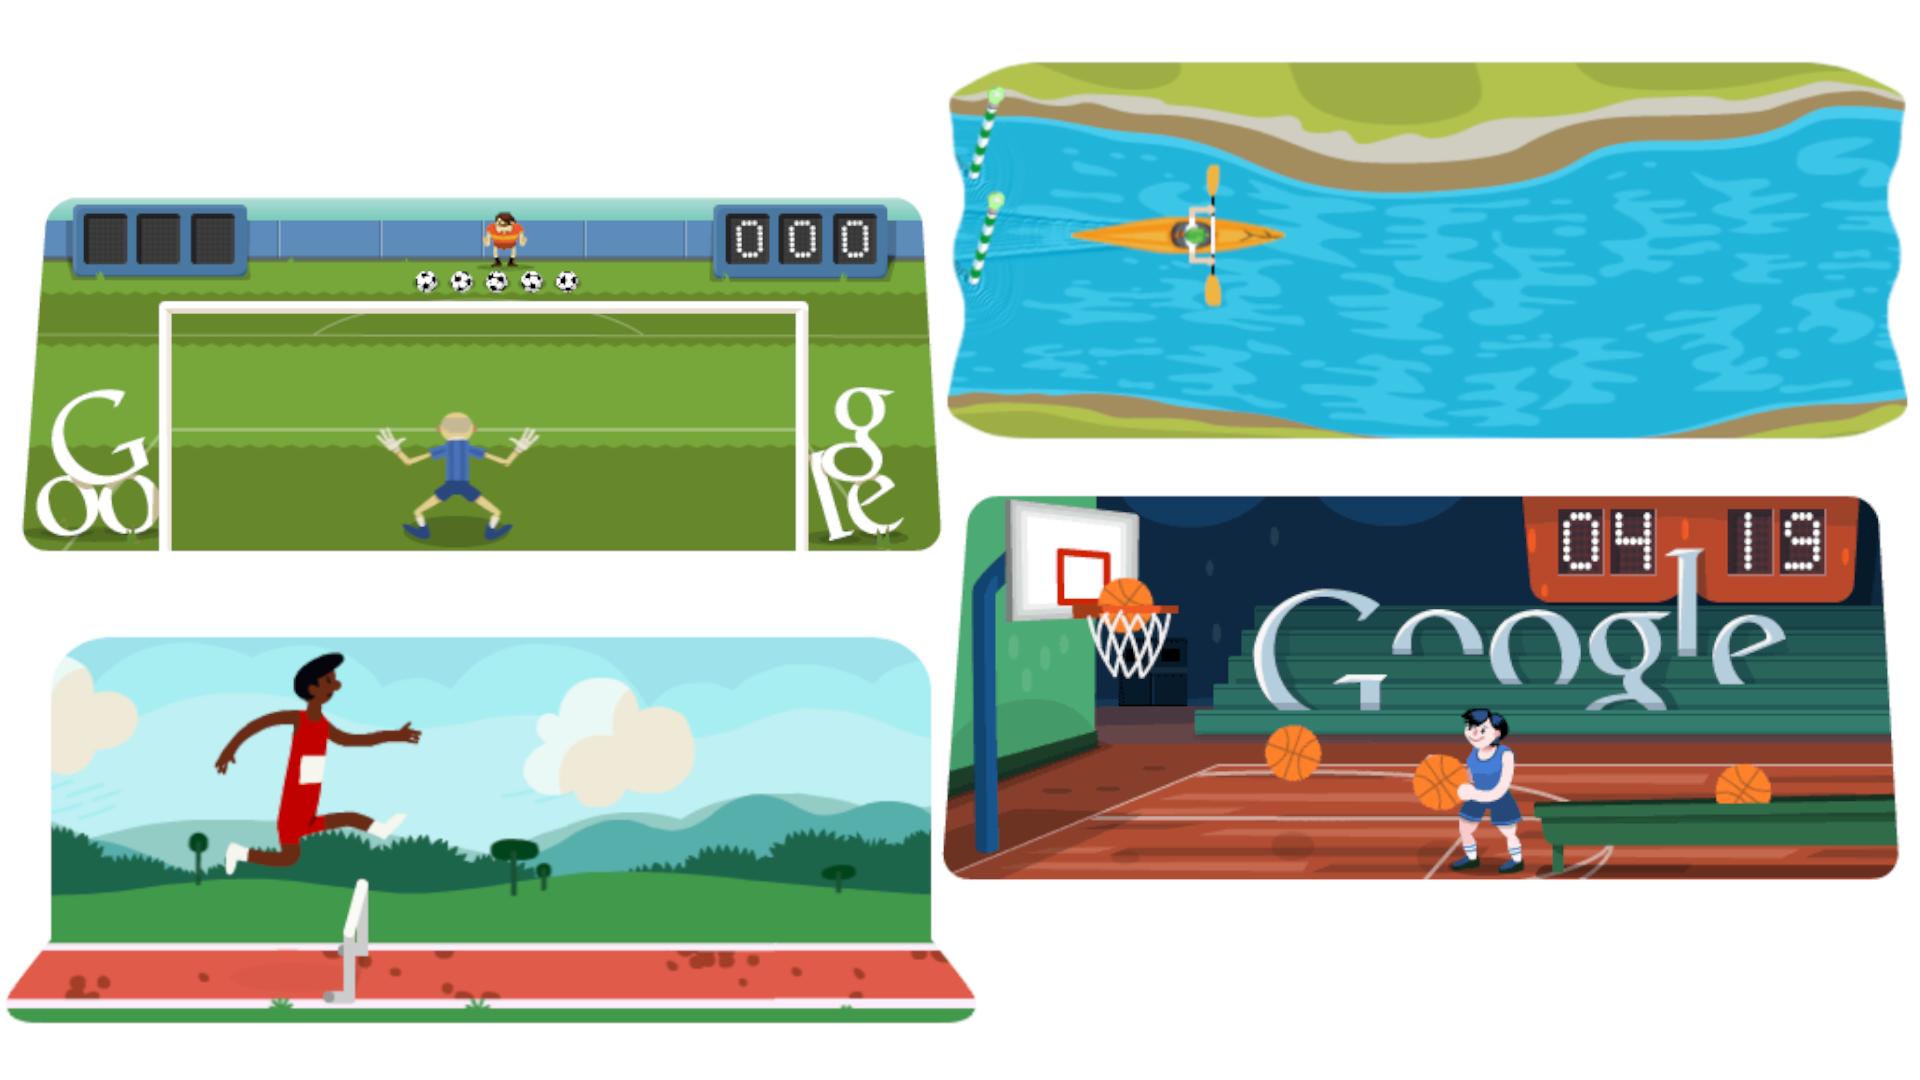 Nas Olimpíadas de 2012, foram feitos quatro jogos conhecidos do Google Doodle (Fonte: Google Doodle)